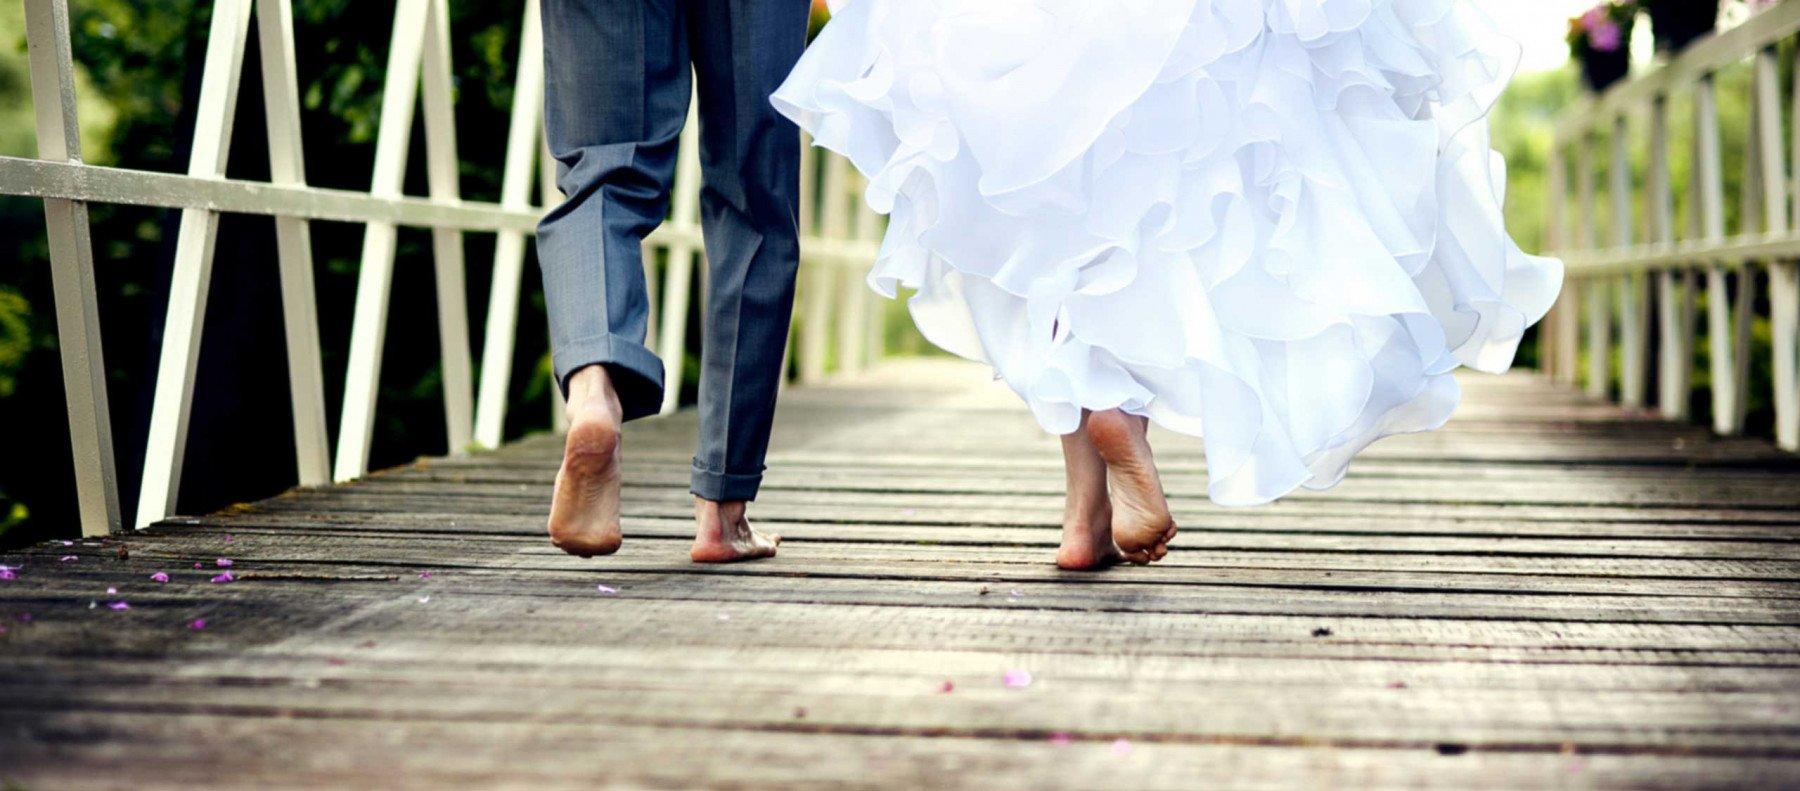 Bröllopspar går över en bro